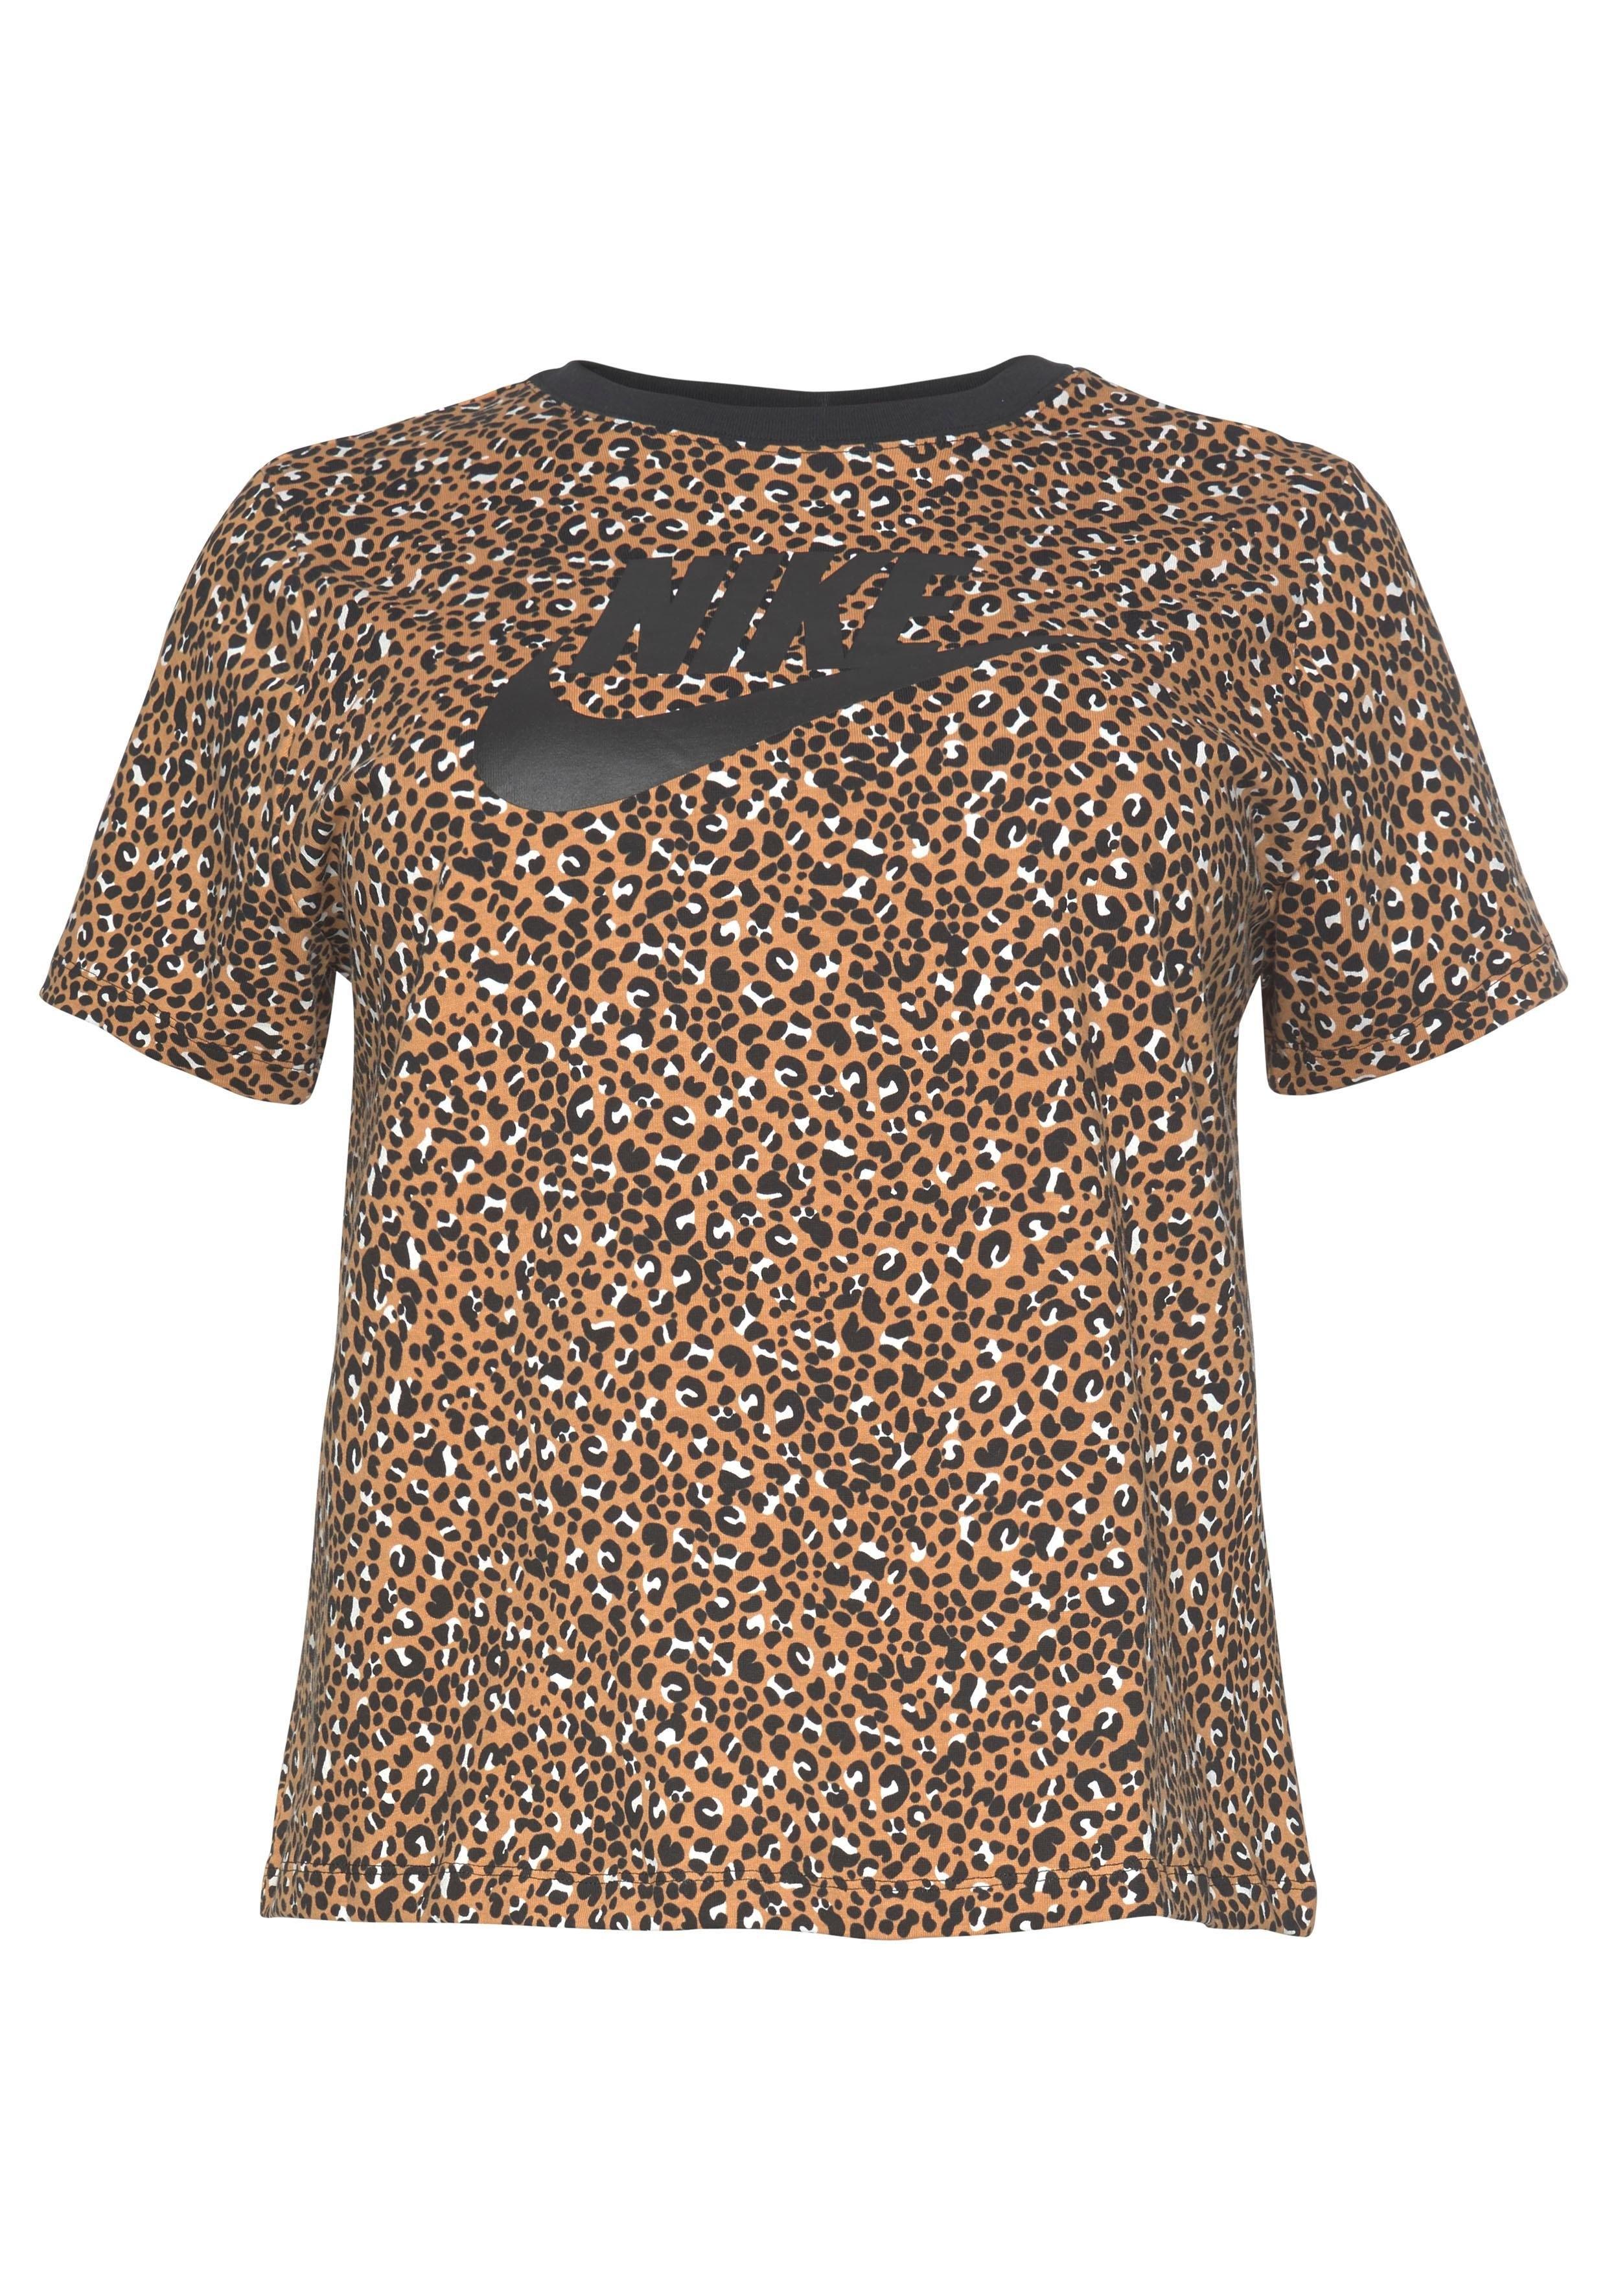 Nike Sportswear T-shirt »WOMEN NIKE SPORTSWEAR TOP SHORTSLEEVE PLUS SIZE« nu online bestellen